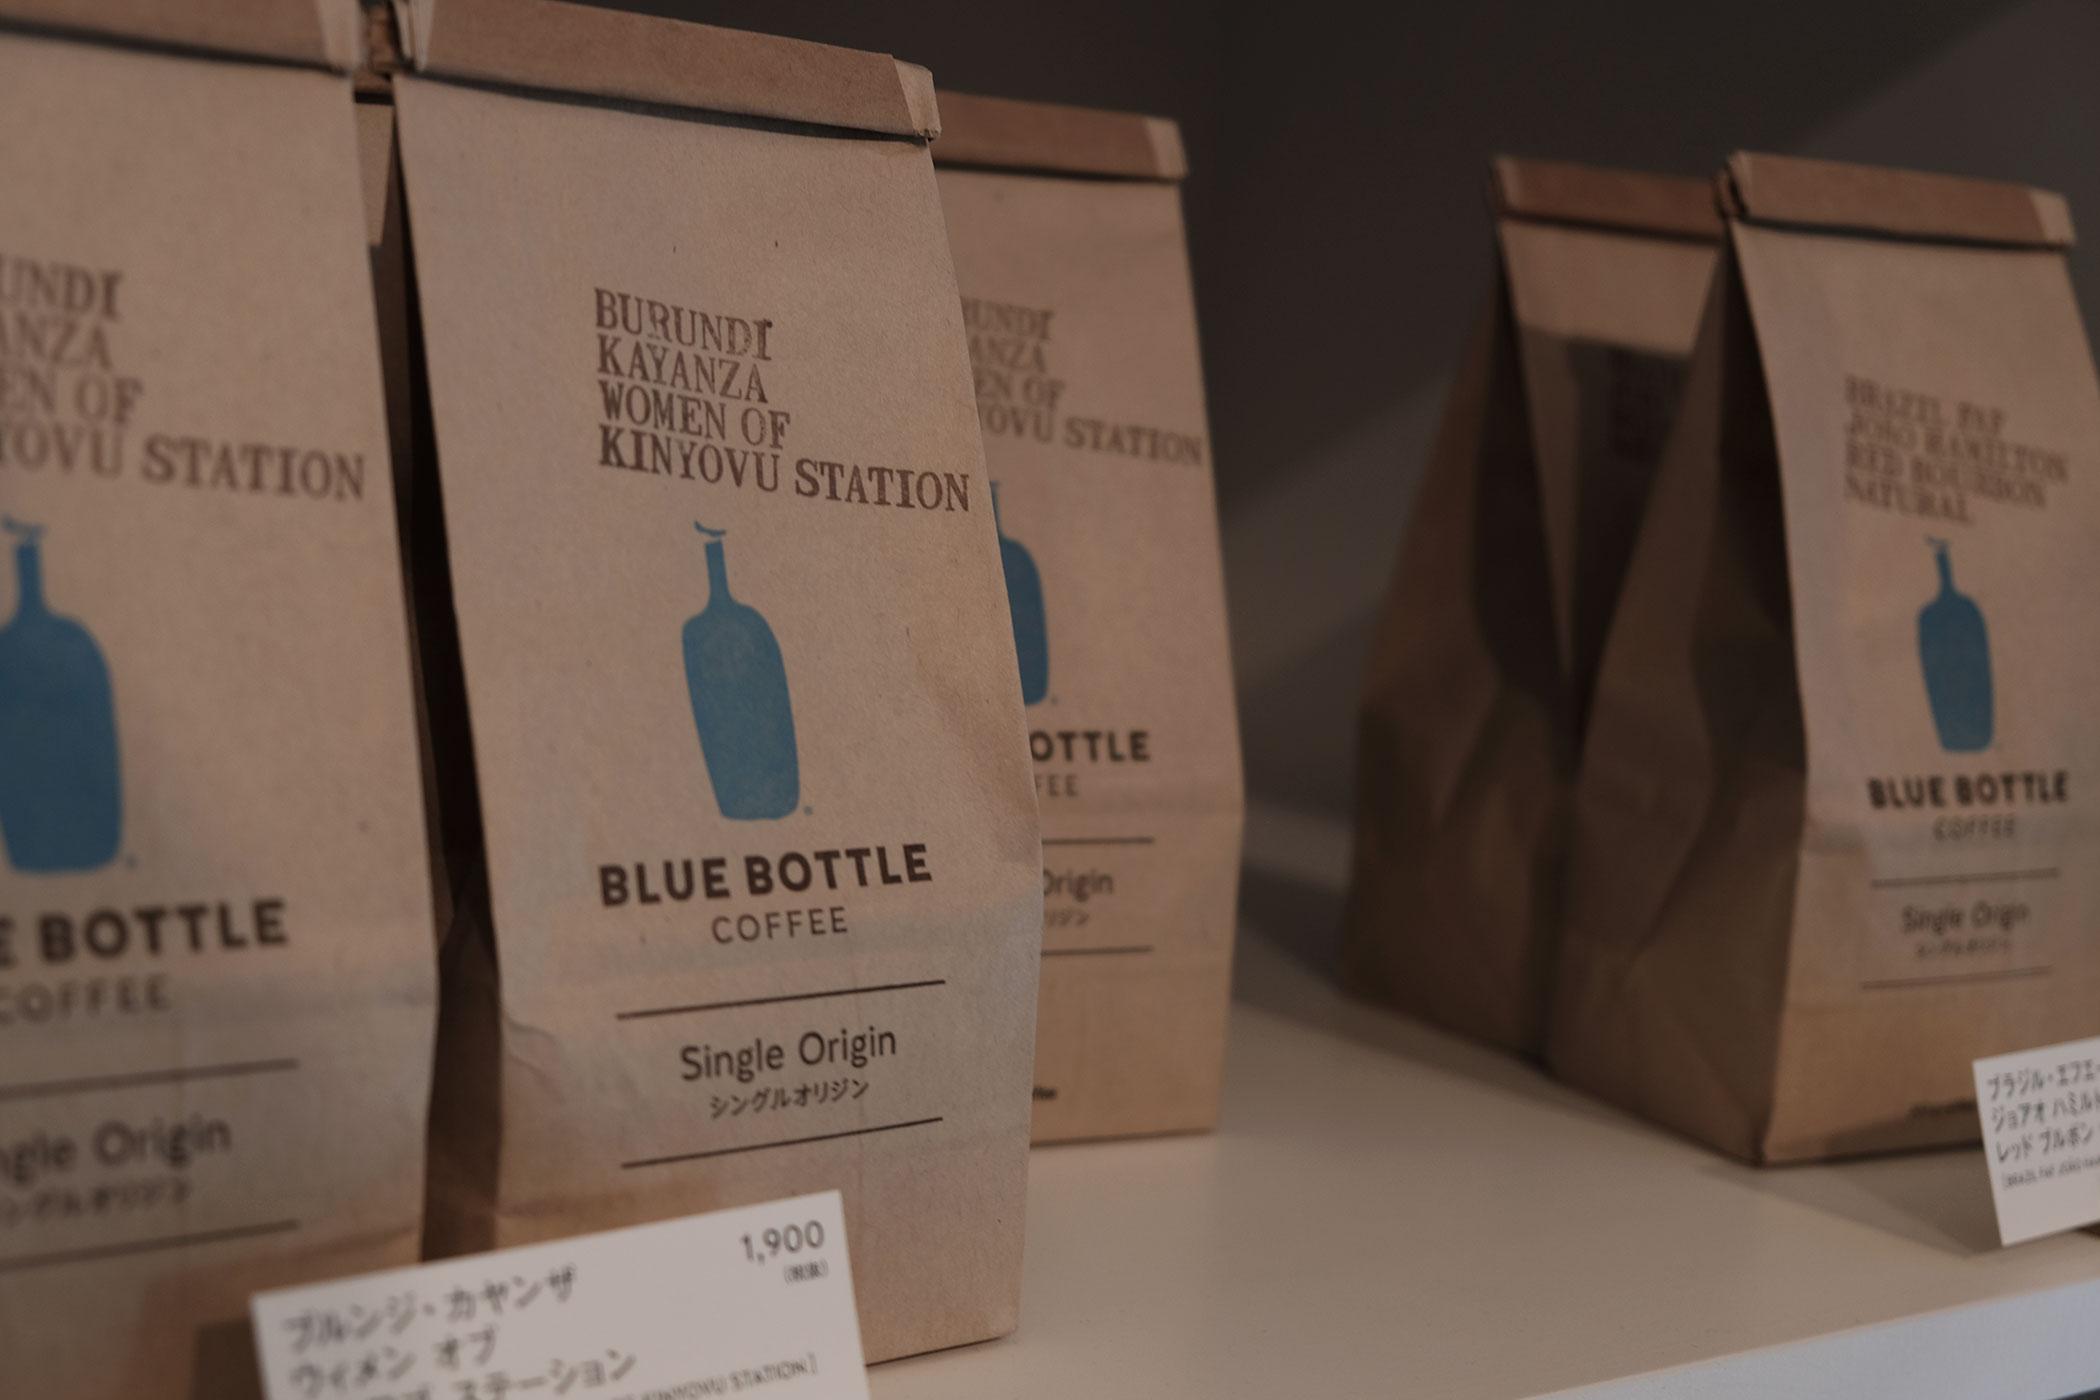 待望の初出店!ブルーボトルコーヒーの関西第一号は京都の南禅寺に ブルーボトルコーヒー 京都カフェ (BLUE BOTTLE COFFEE KYOTO) コーヒー豆